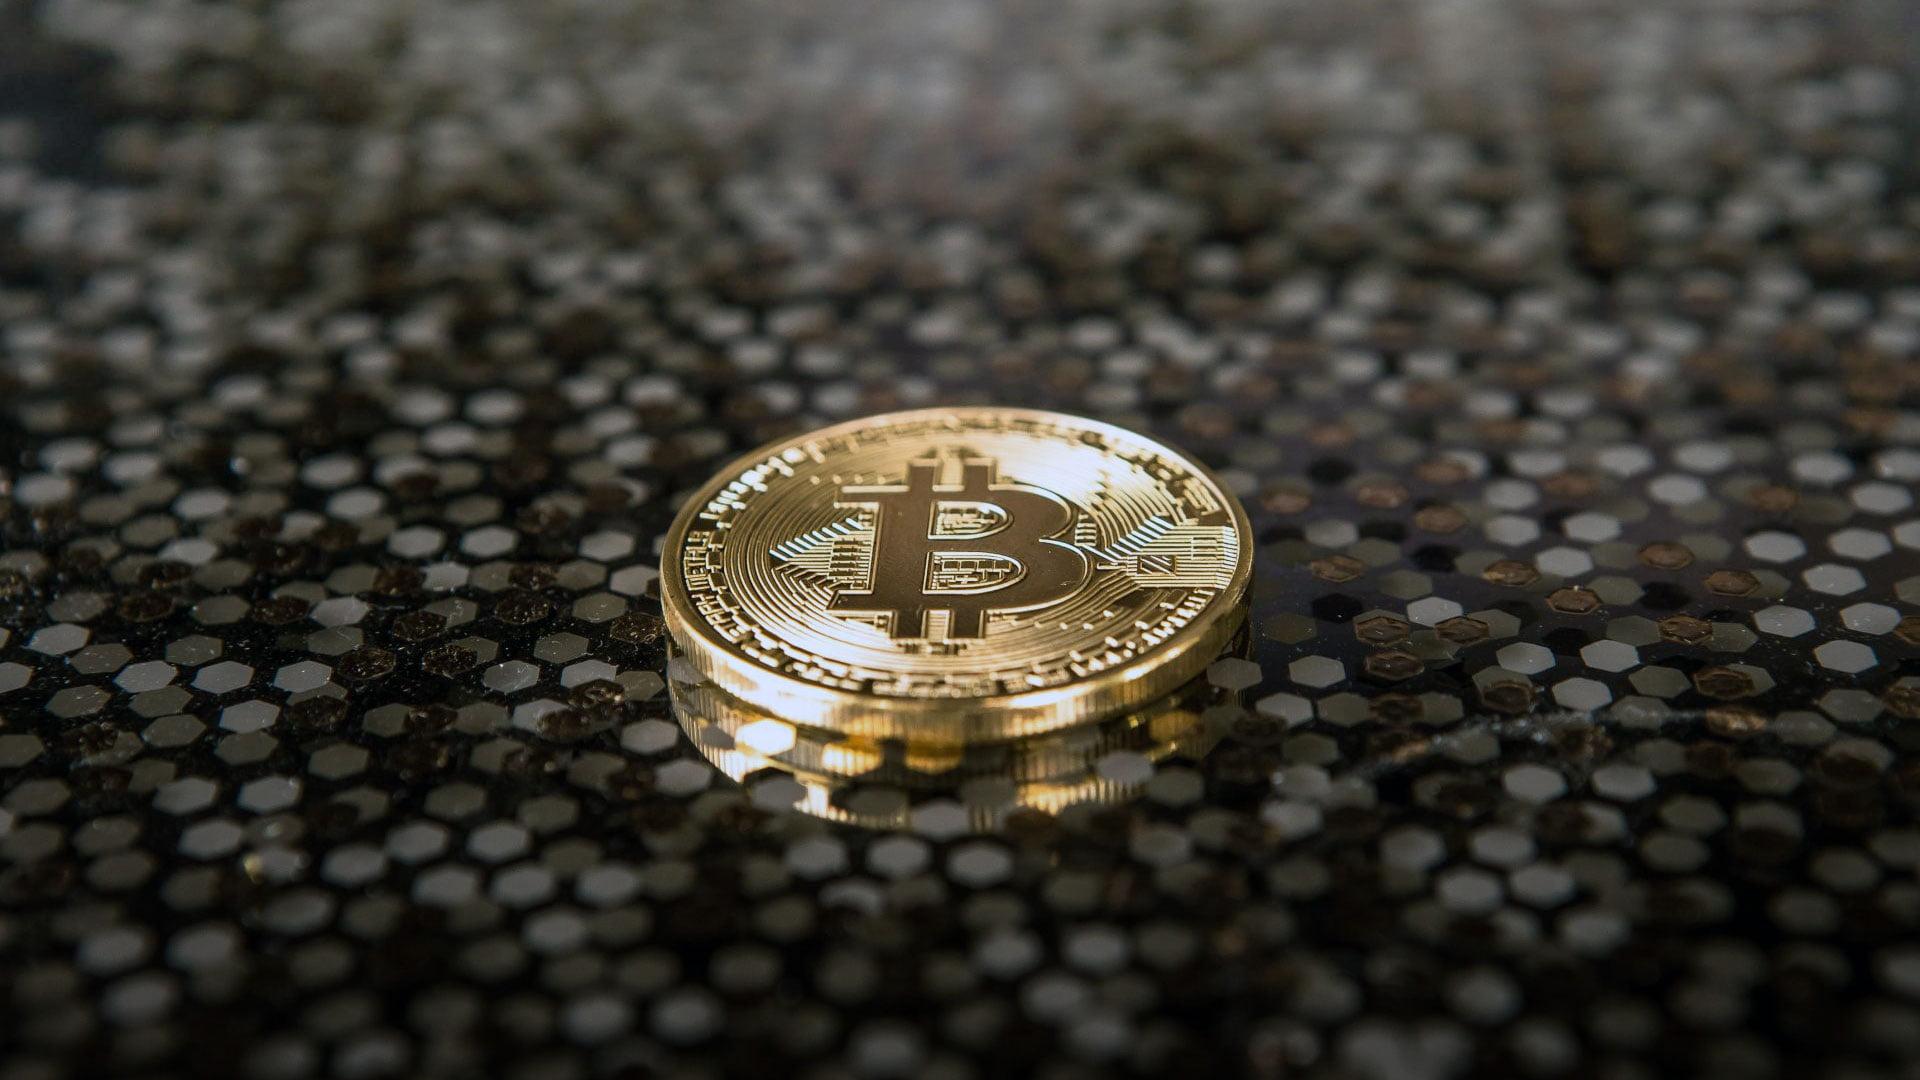 Аналитик: Сейчас на рынке двигаются только недавно приобретенные биткоины